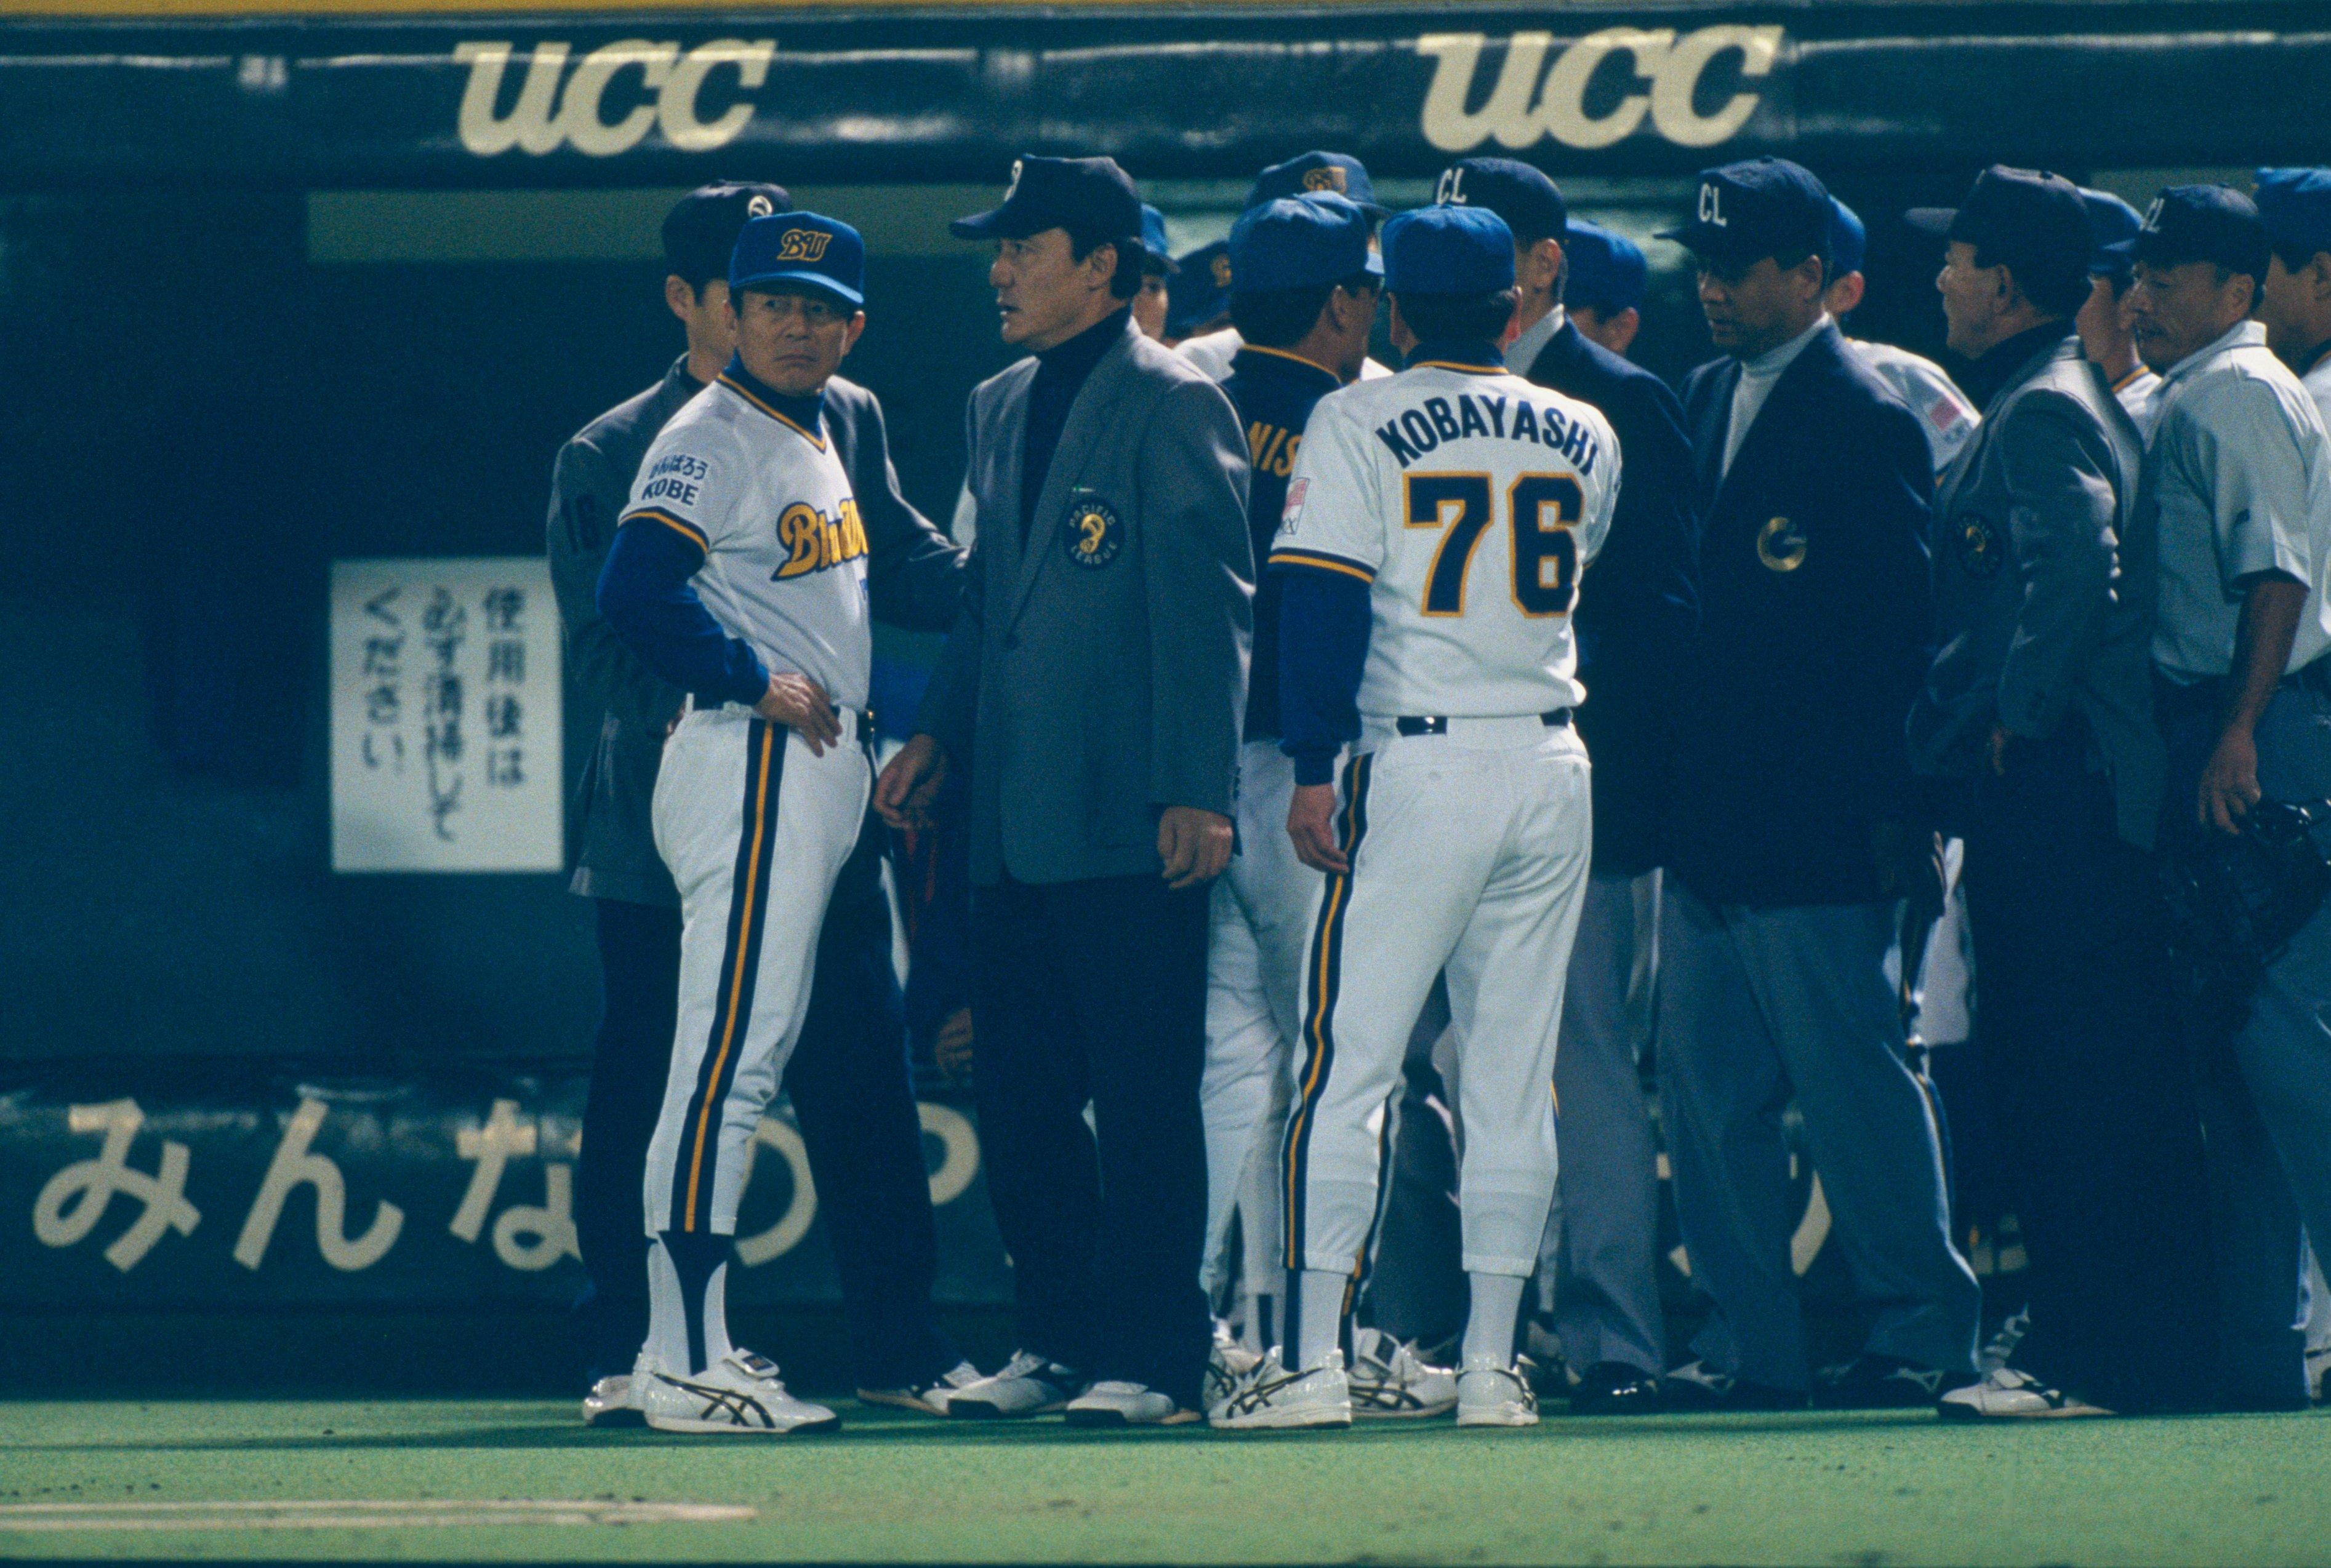 1996年 日本シリーズ 審判団に抗議する仰木彬監督 (C)Kazuaki Nishiyama